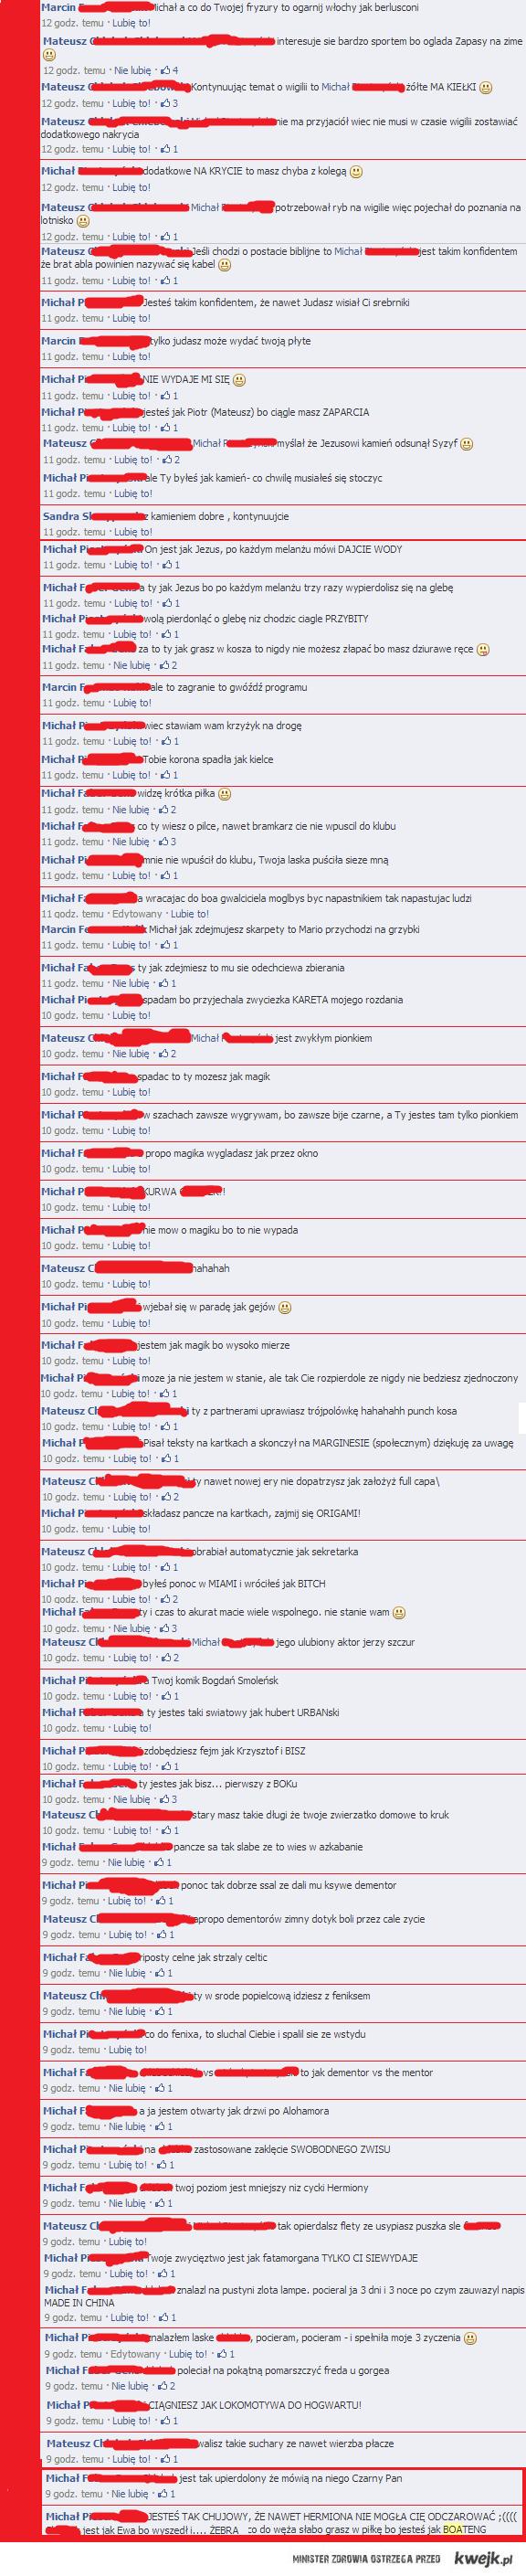 Ustawa freestyleowa na FB, zawsze spoko